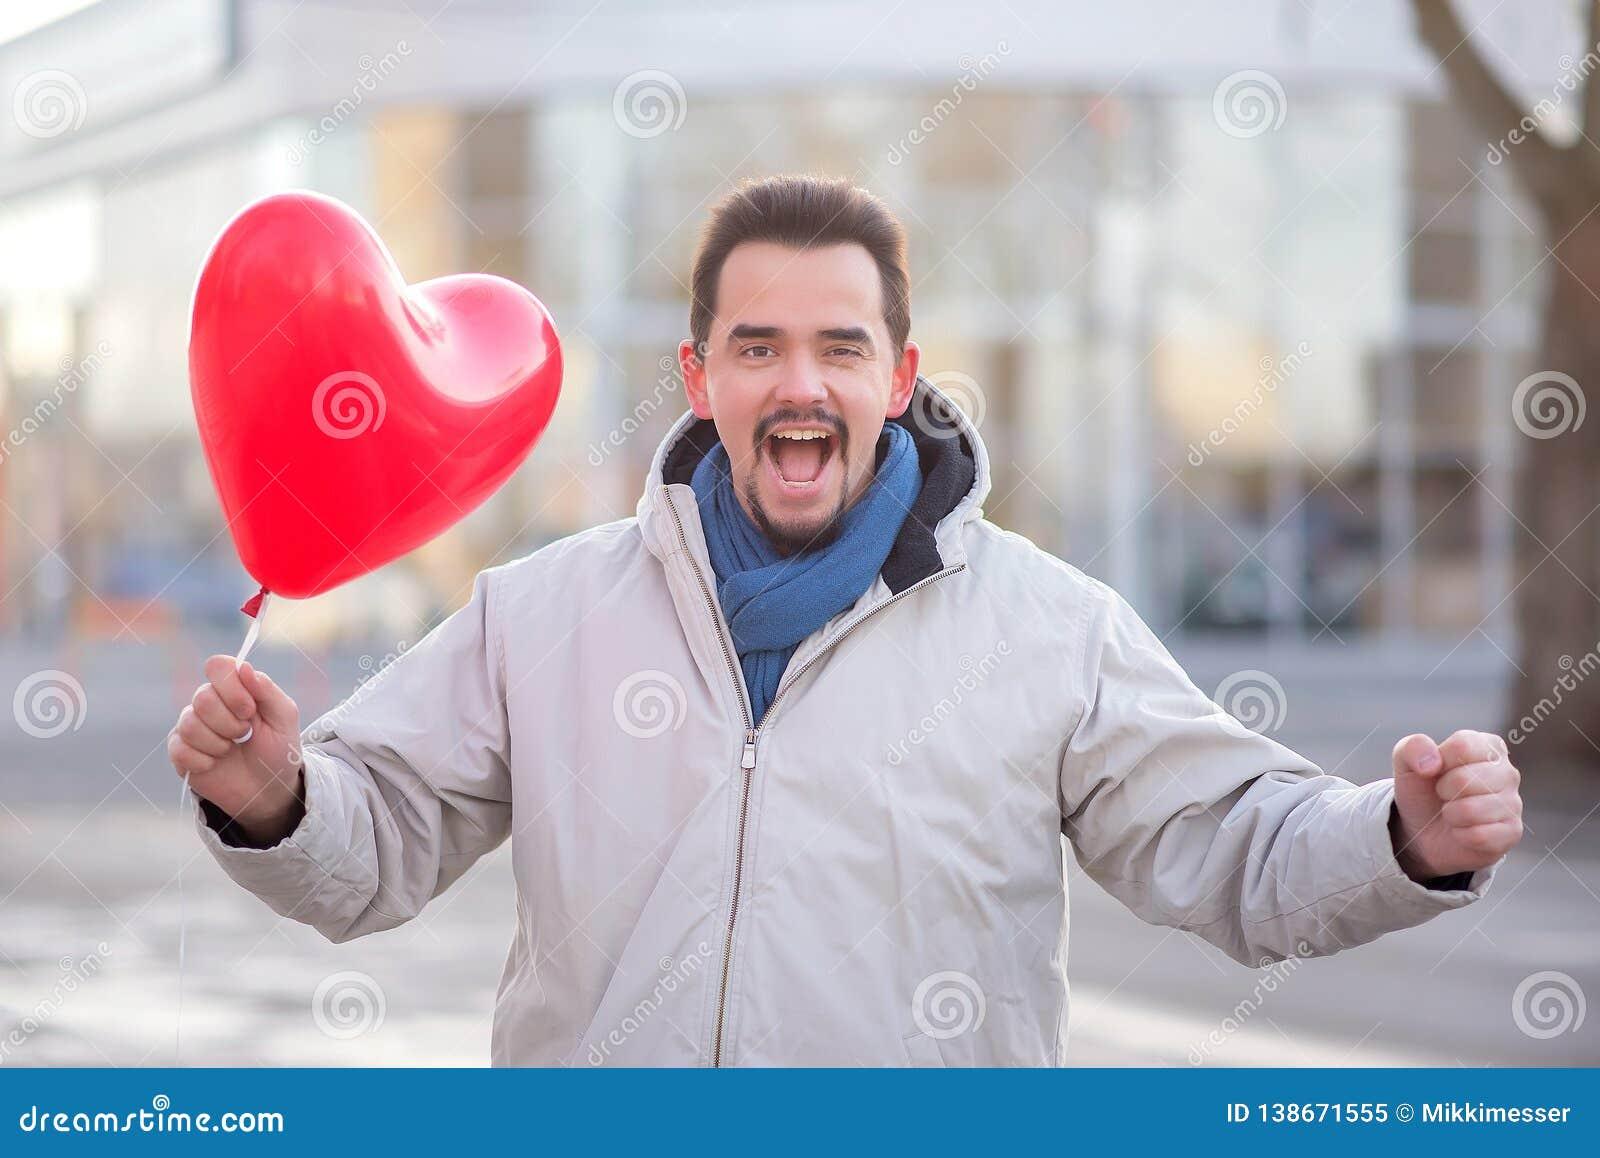 Glücklich lachender gut aussehender Mann mit einer Ballonstellung Luft des roten Herzens geformten in einer Stadtstraße